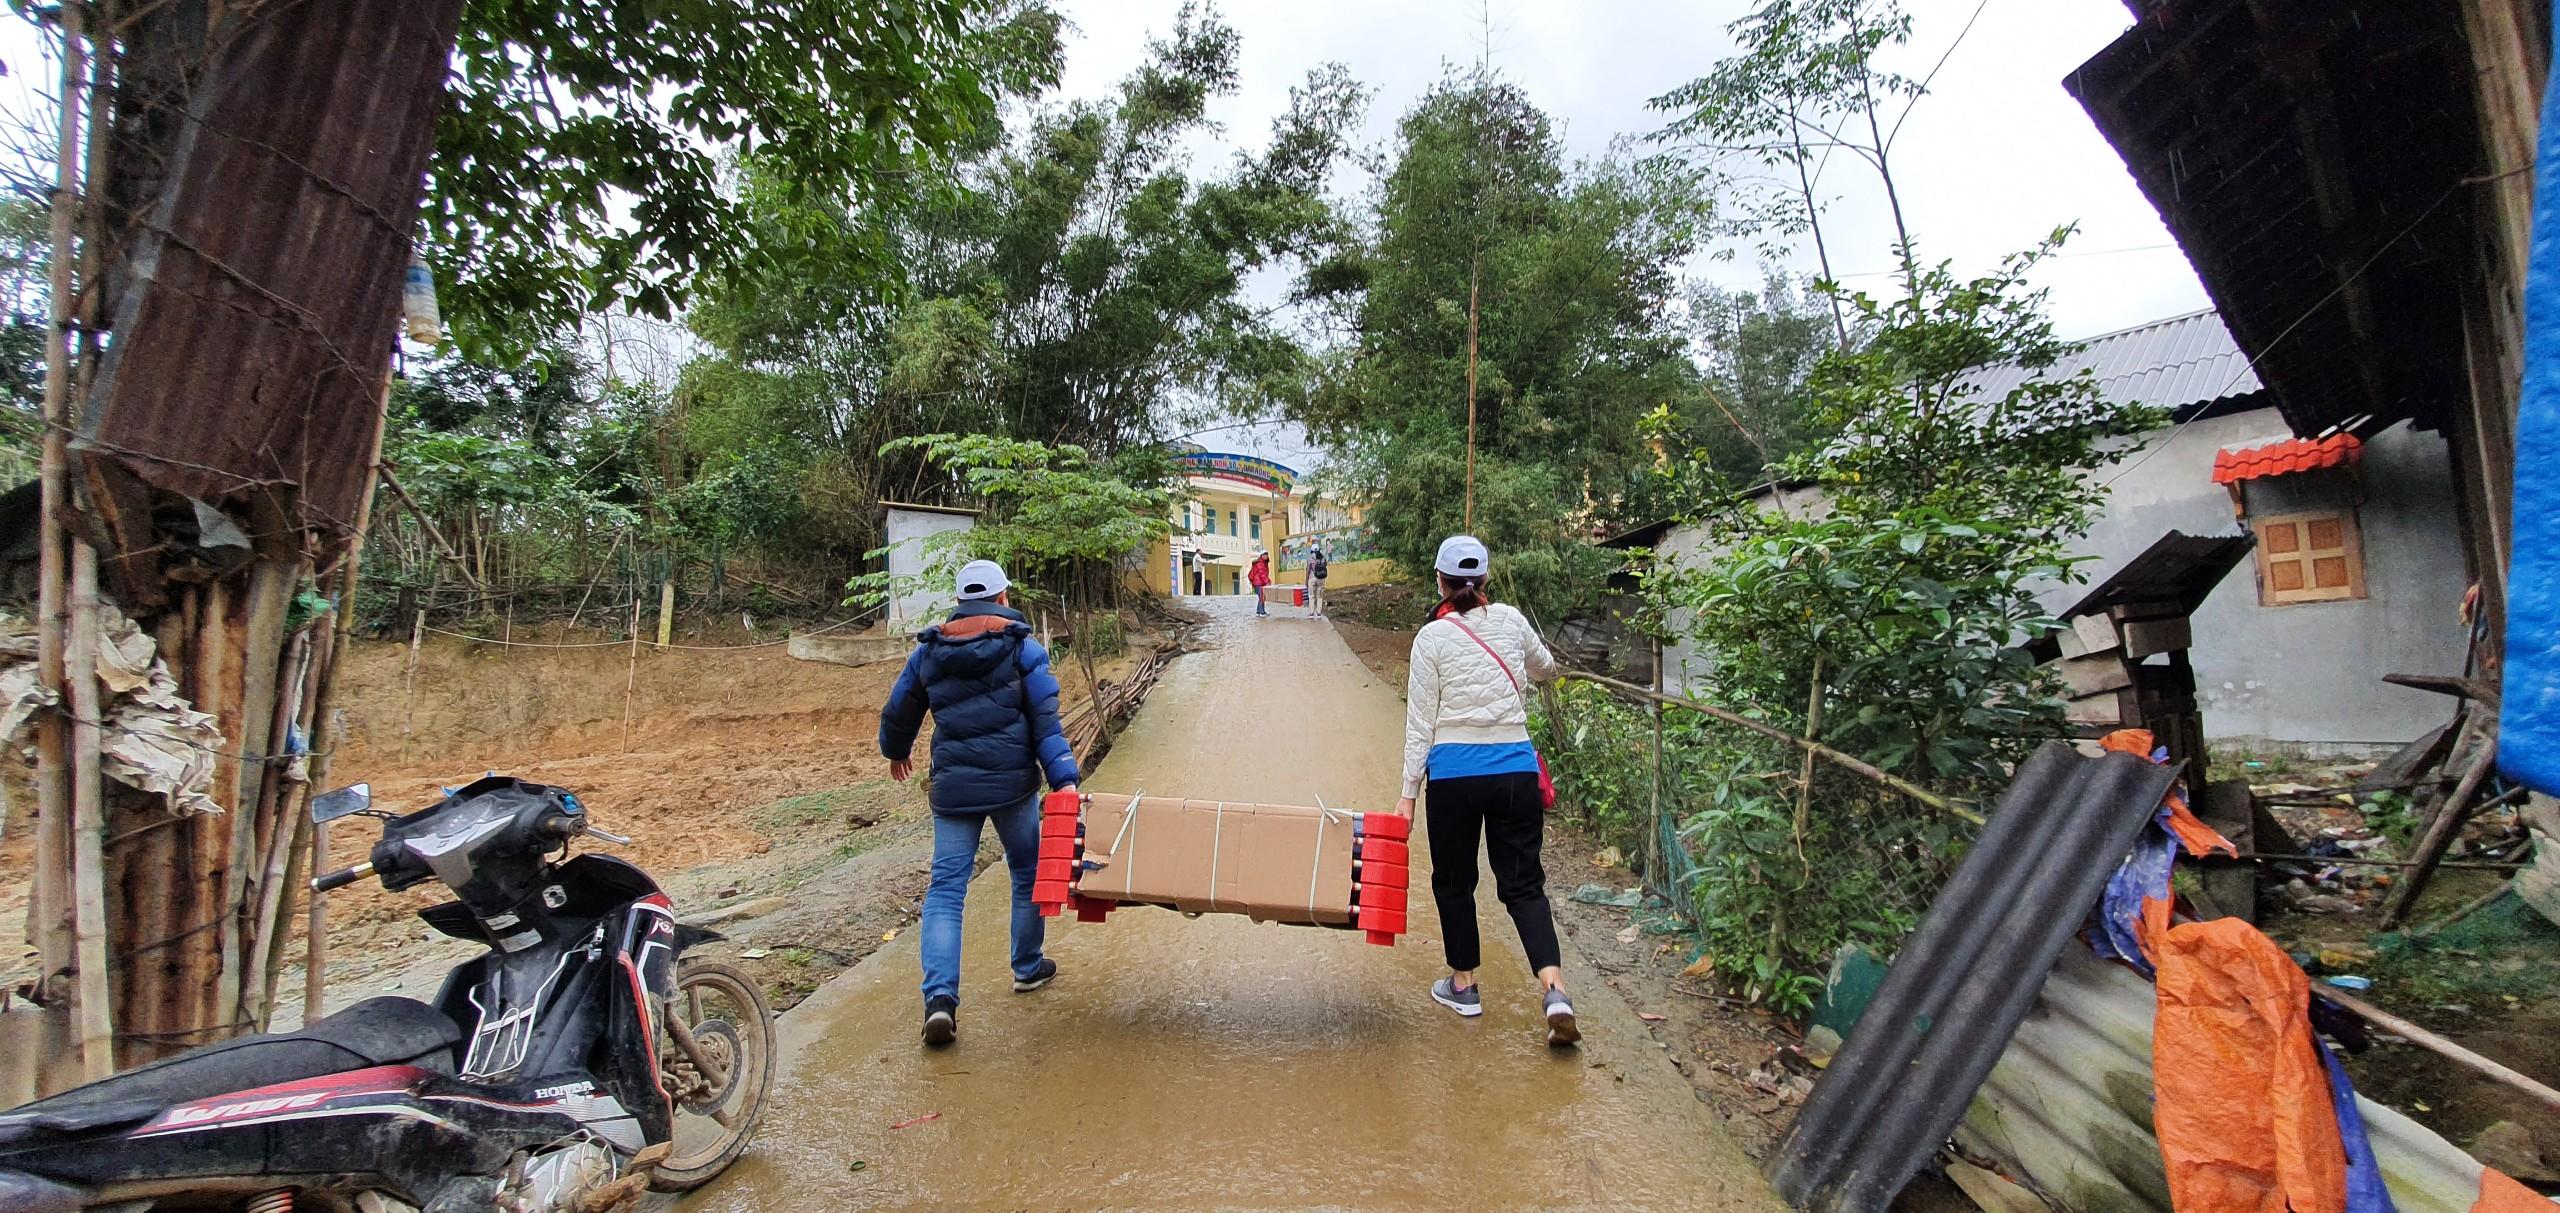 Đoàn Công đoàn CQĐH PV GAS tự vận chuyển giường lưới cho điểm trường Mầm non